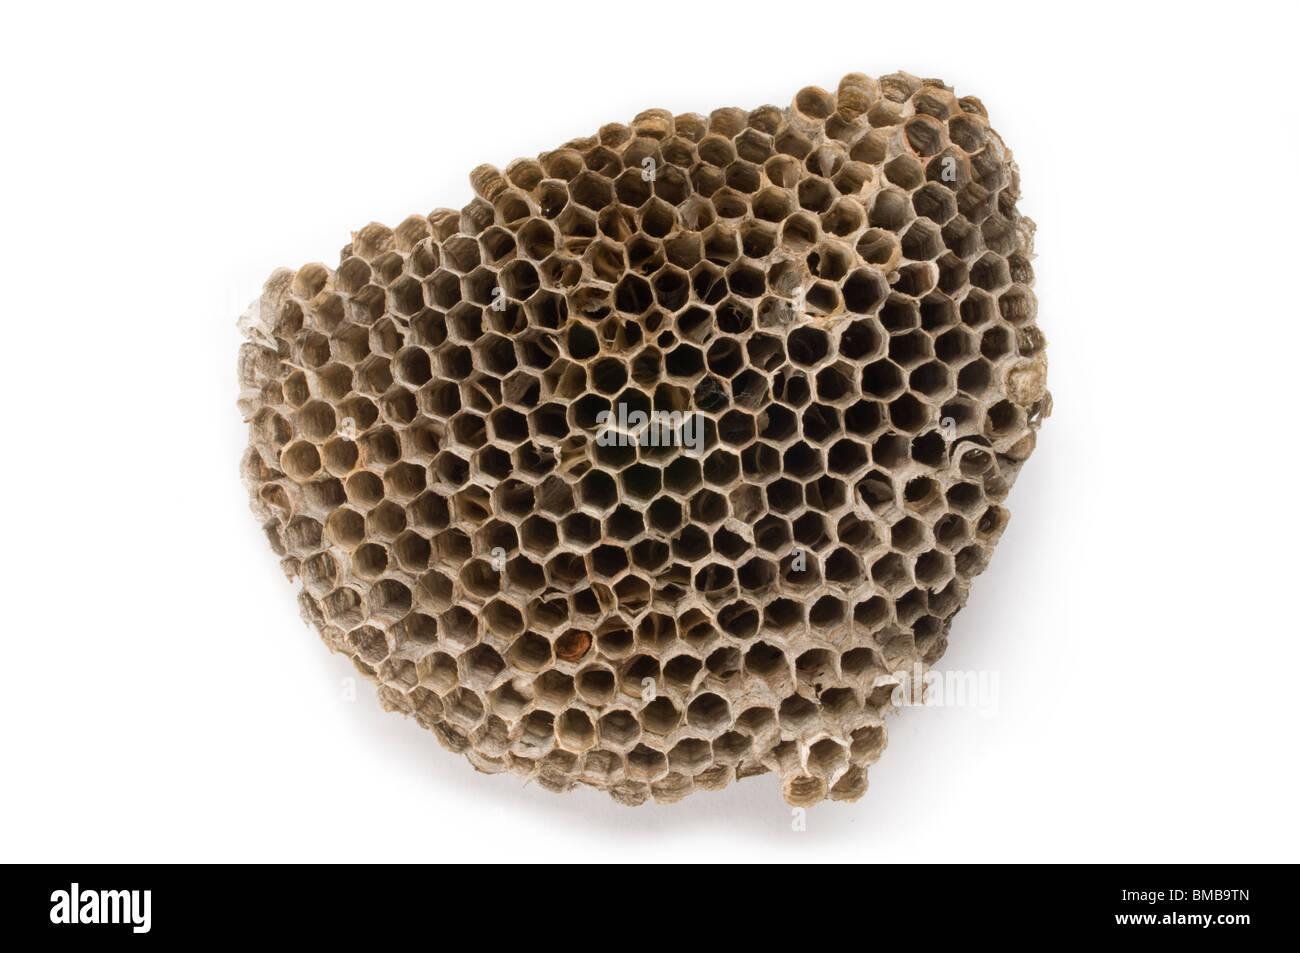 wasps at nest stockfotos wasps at nest bilder alamy. Black Bedroom Furniture Sets. Home Design Ideas